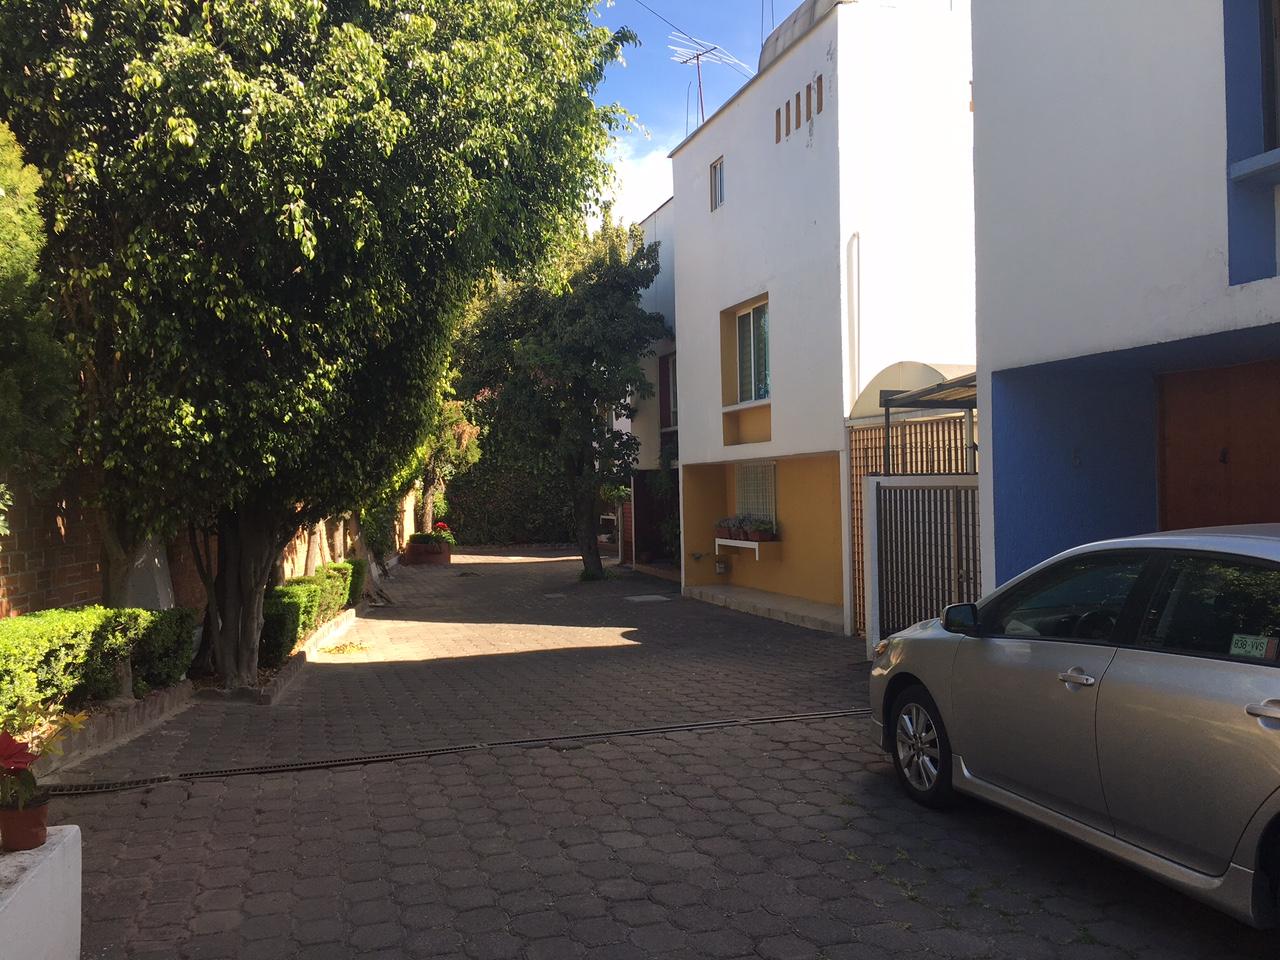 CASAS EN VENTA CALLEJÓN DE TETITLA, COL. TORIELLO GUERRA